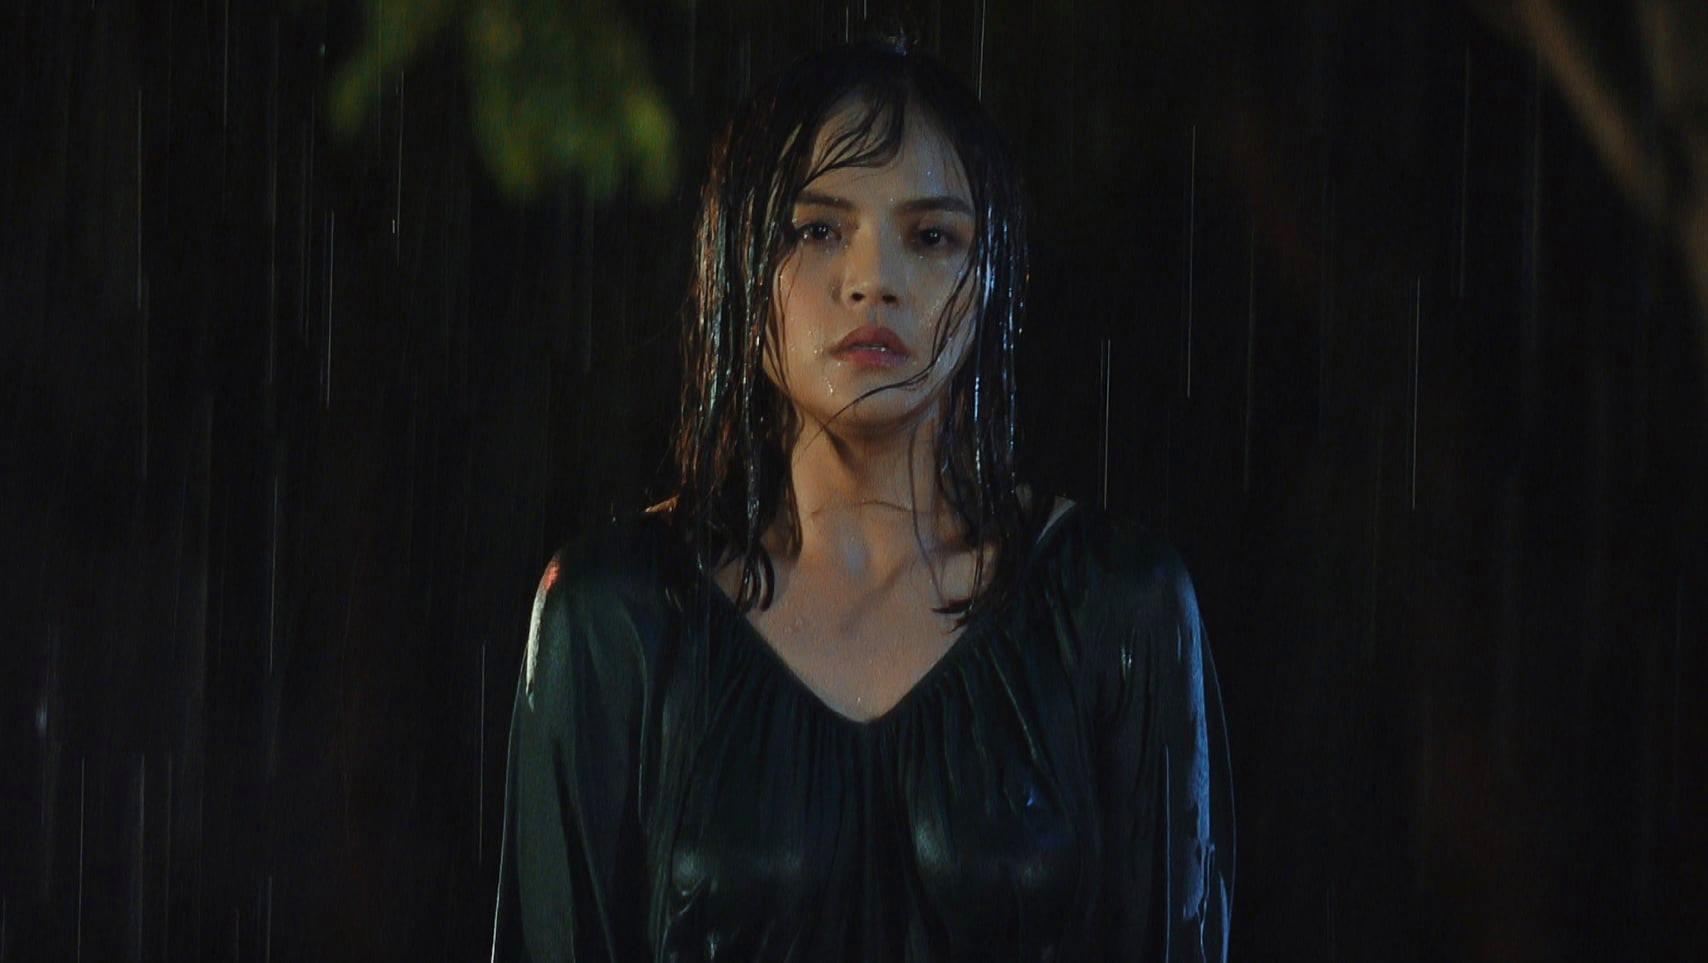 'Hương vị tình thân' preview tập 39 (p2): Thy dầm mưa vì buồn chuyện Huy và 'trà xanh', phải nhập viện trong đêm rồi lộ chuyện có bầu? 0